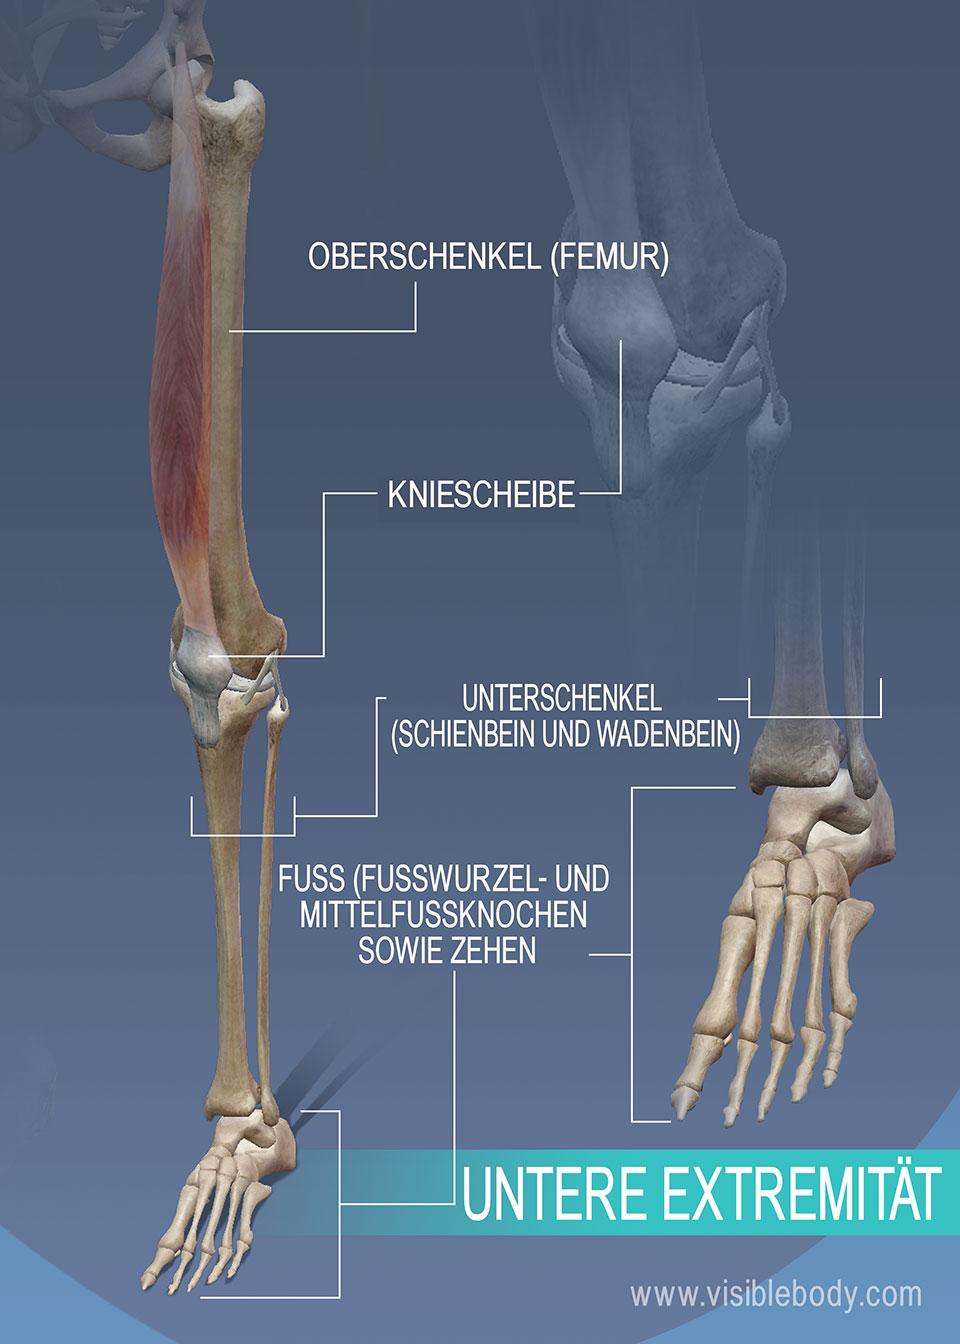 Oberschenkel-, Unterschenkel- und Sprunggelenksknochen der unteren Extremität